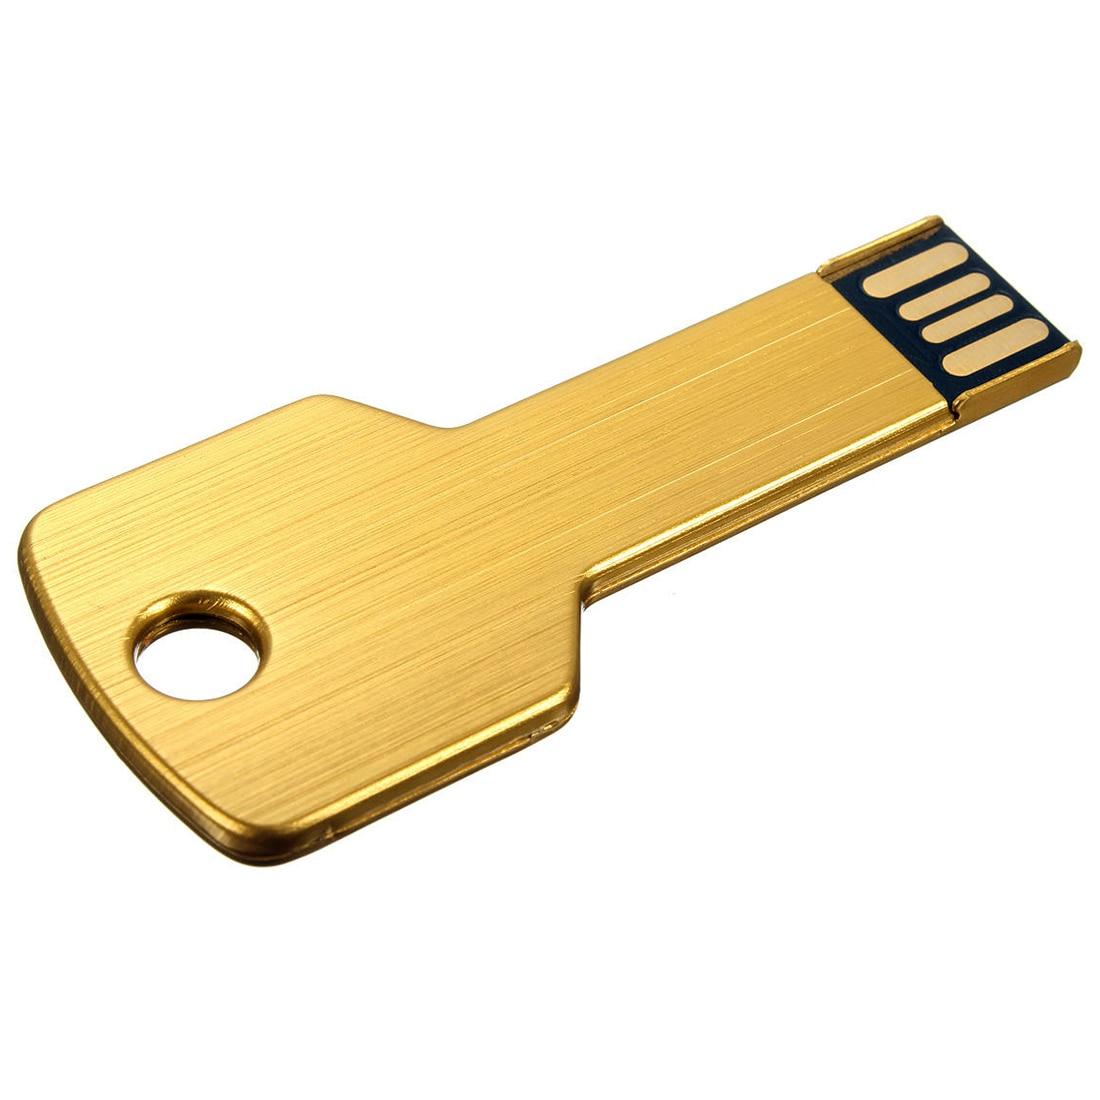 10 pcs USB 2.0 8GB Metal Memoire Flash Drive Stick WIN 7/10 PC Gold 10 pcs usb 2 0 8gb metal memoire flash drive stick win 7 10 pc deep blue